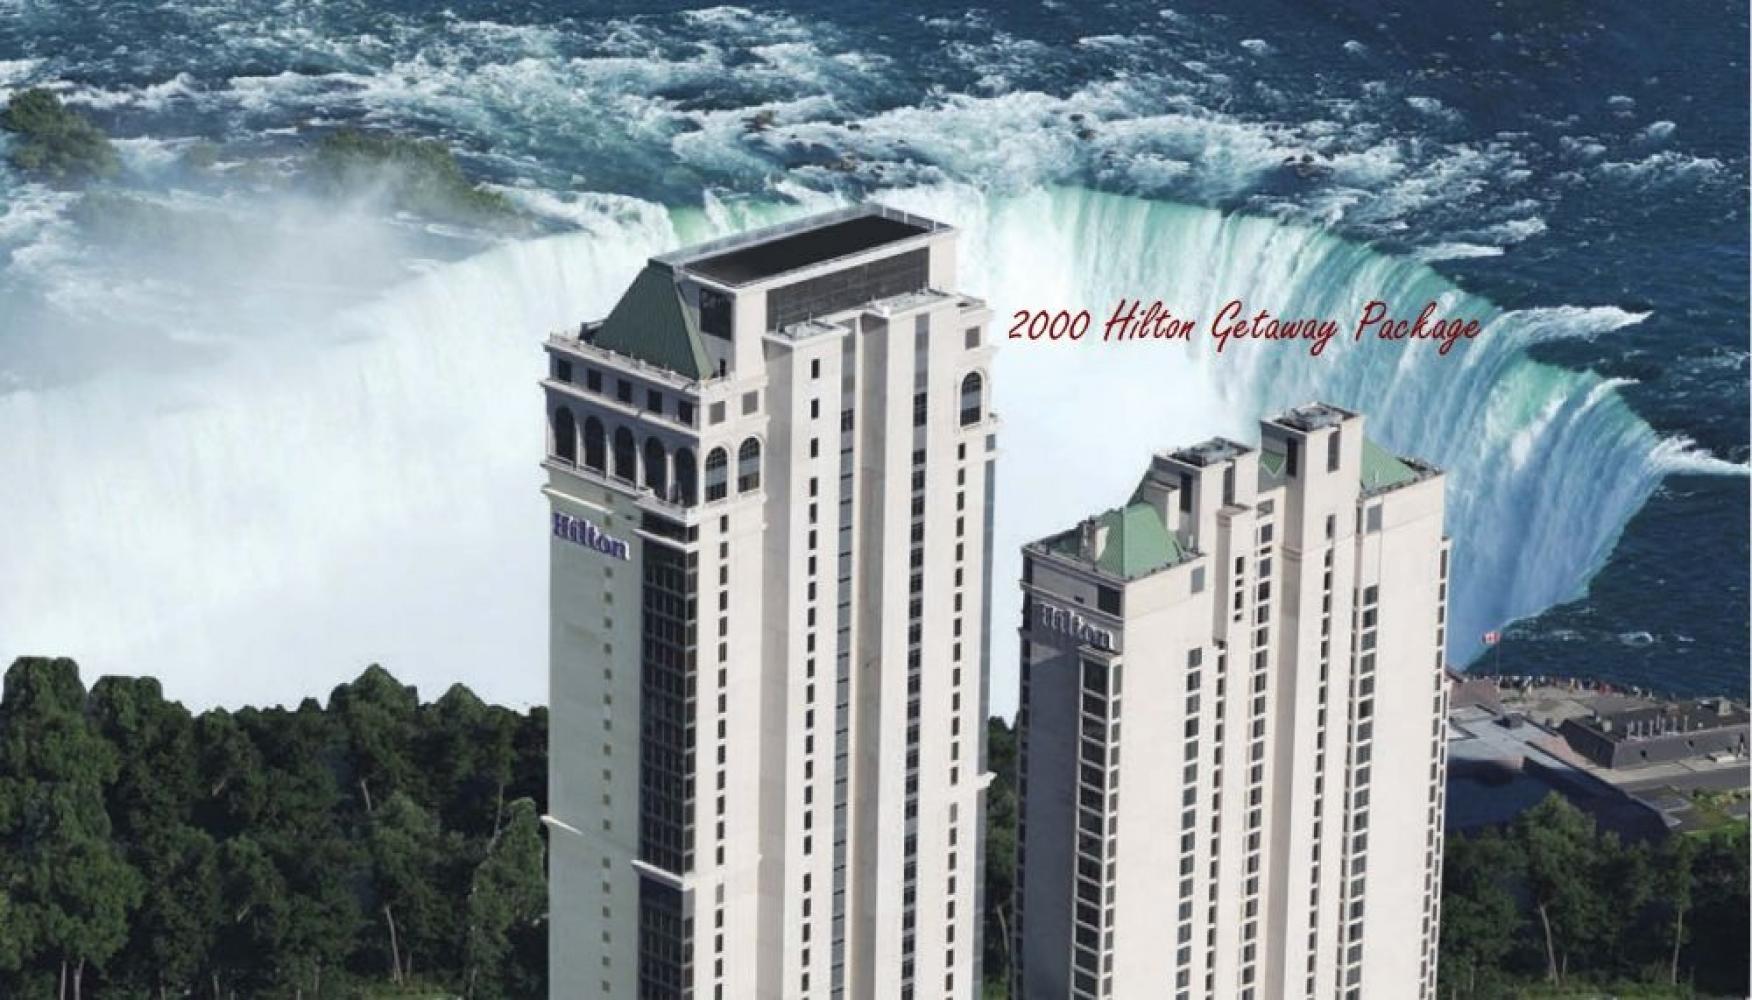 $2000 Hilton Niagara Get Away